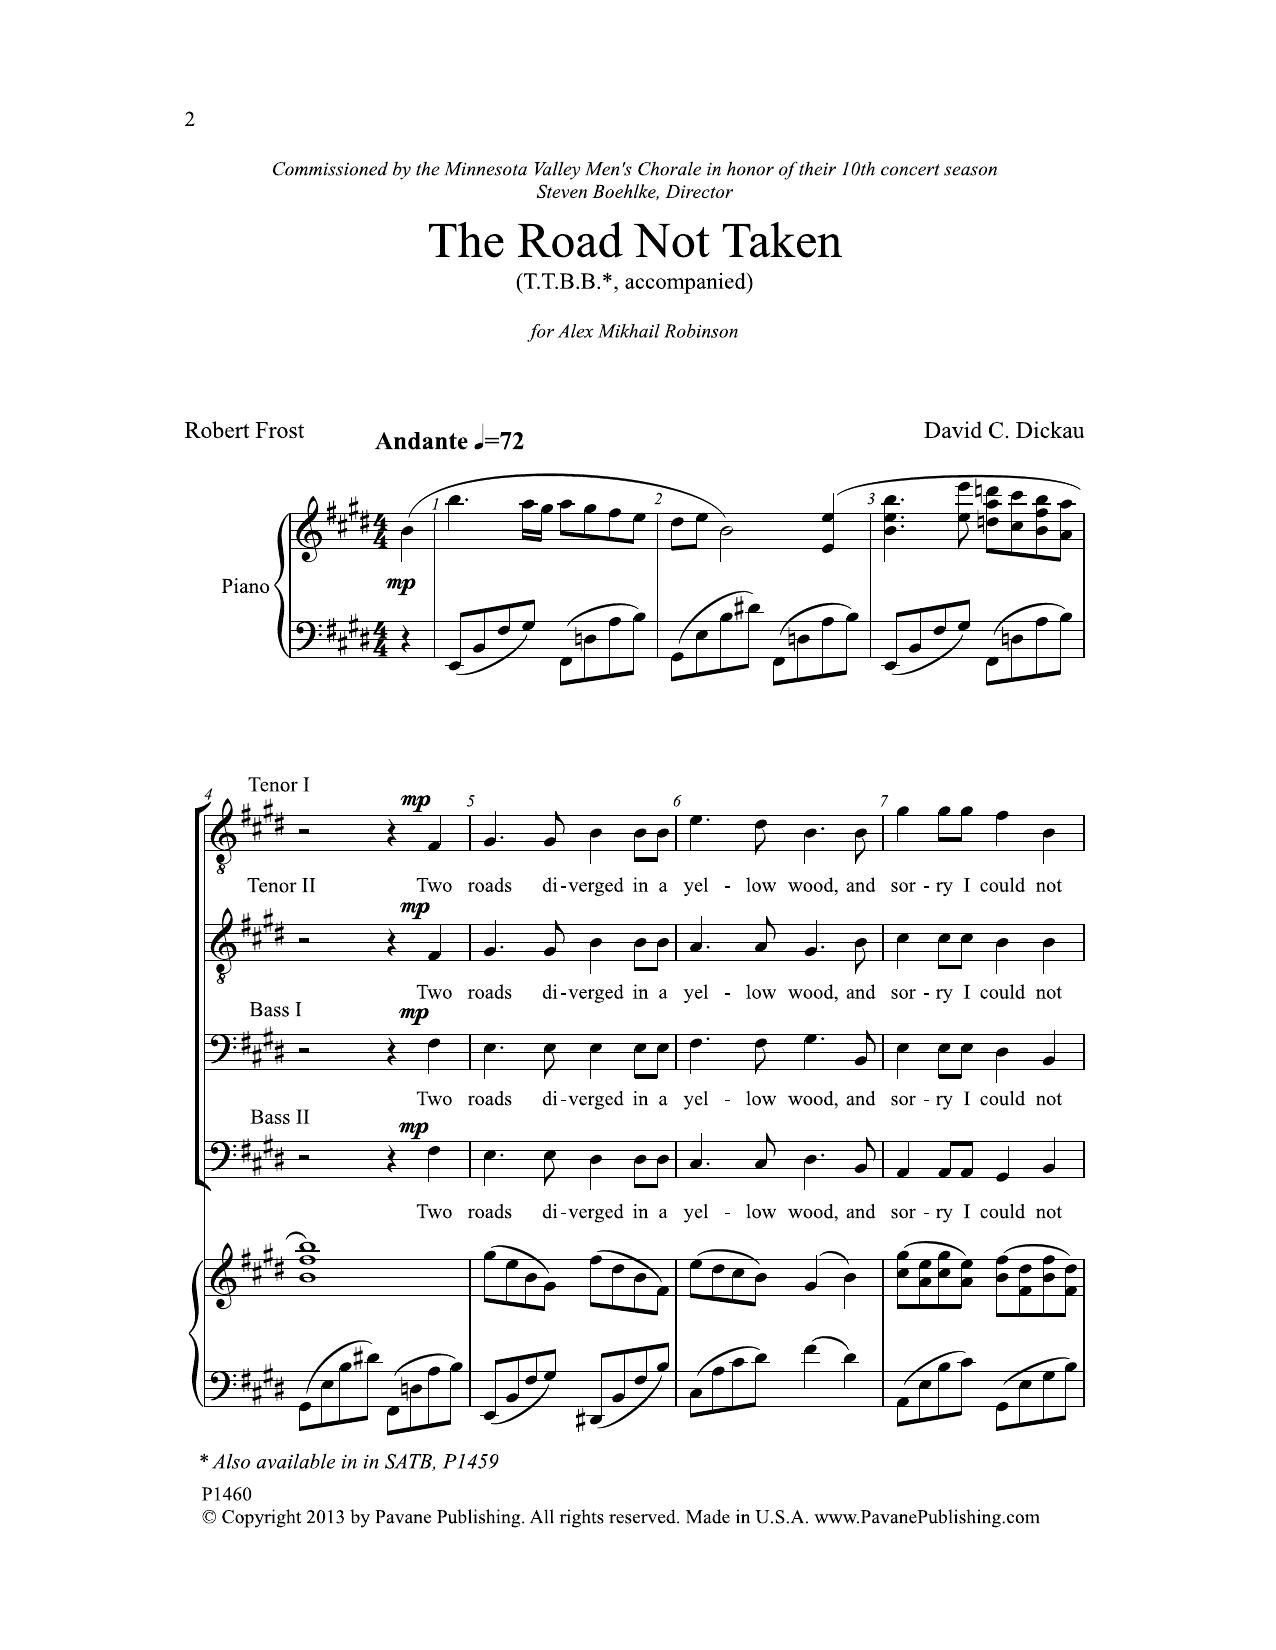 The Road Not Taken - TTBB Sheet Music